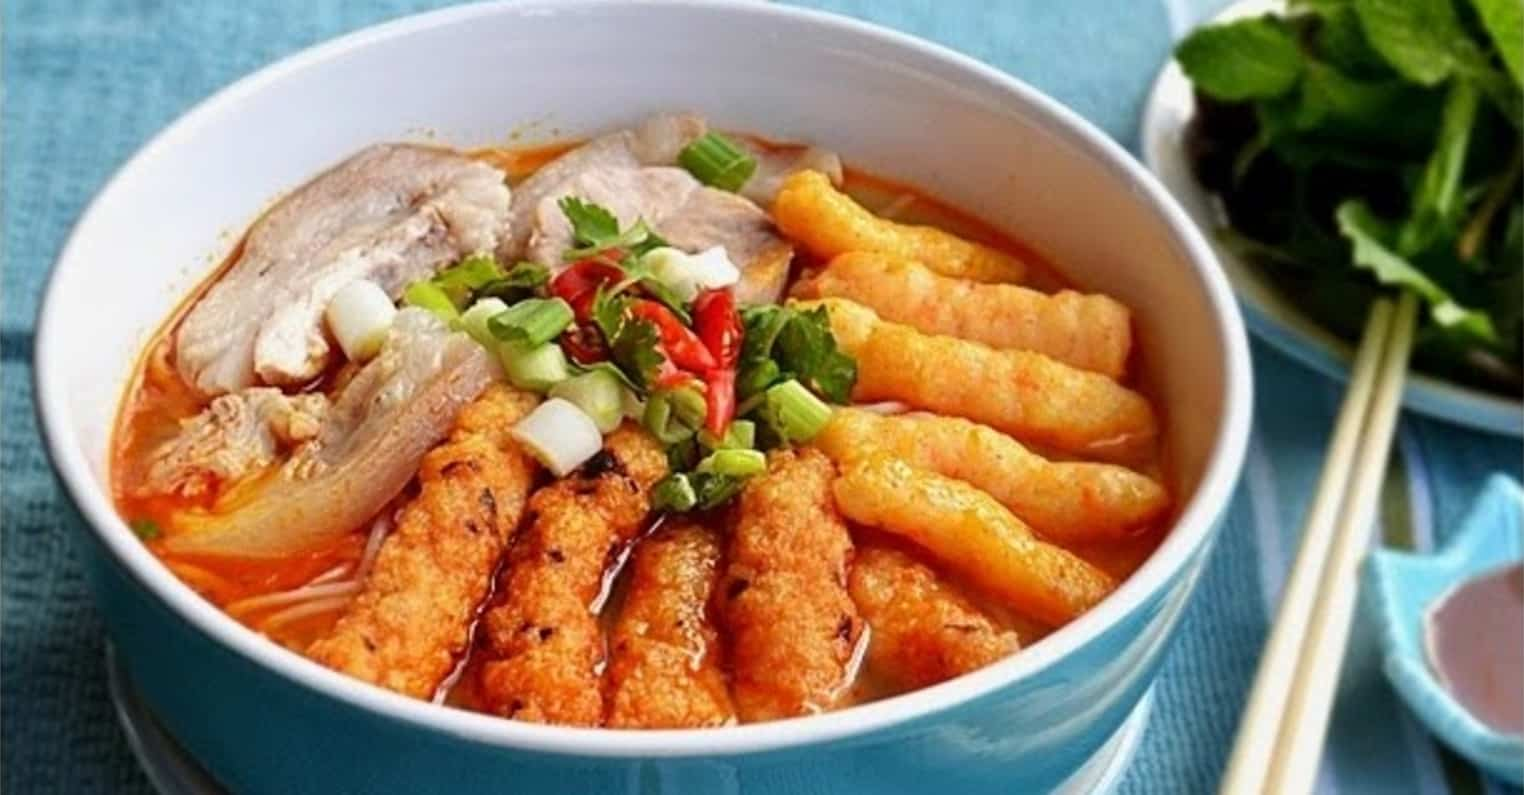 Bún suông được nấu theo hướng Sài Gòn